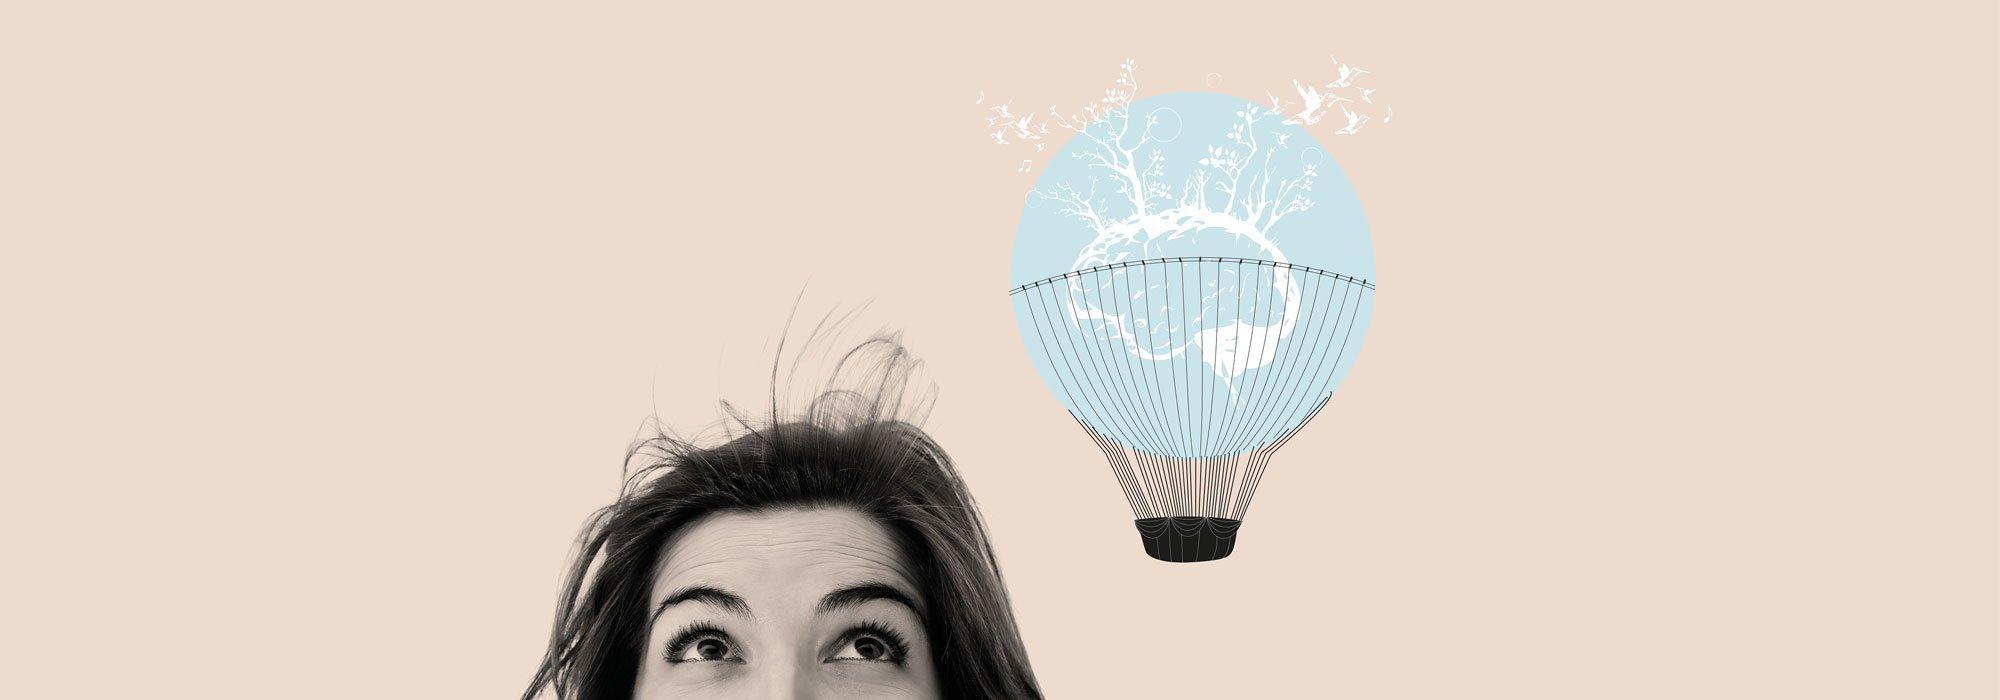 Tecniche e strumenti con cui allenare la creatività